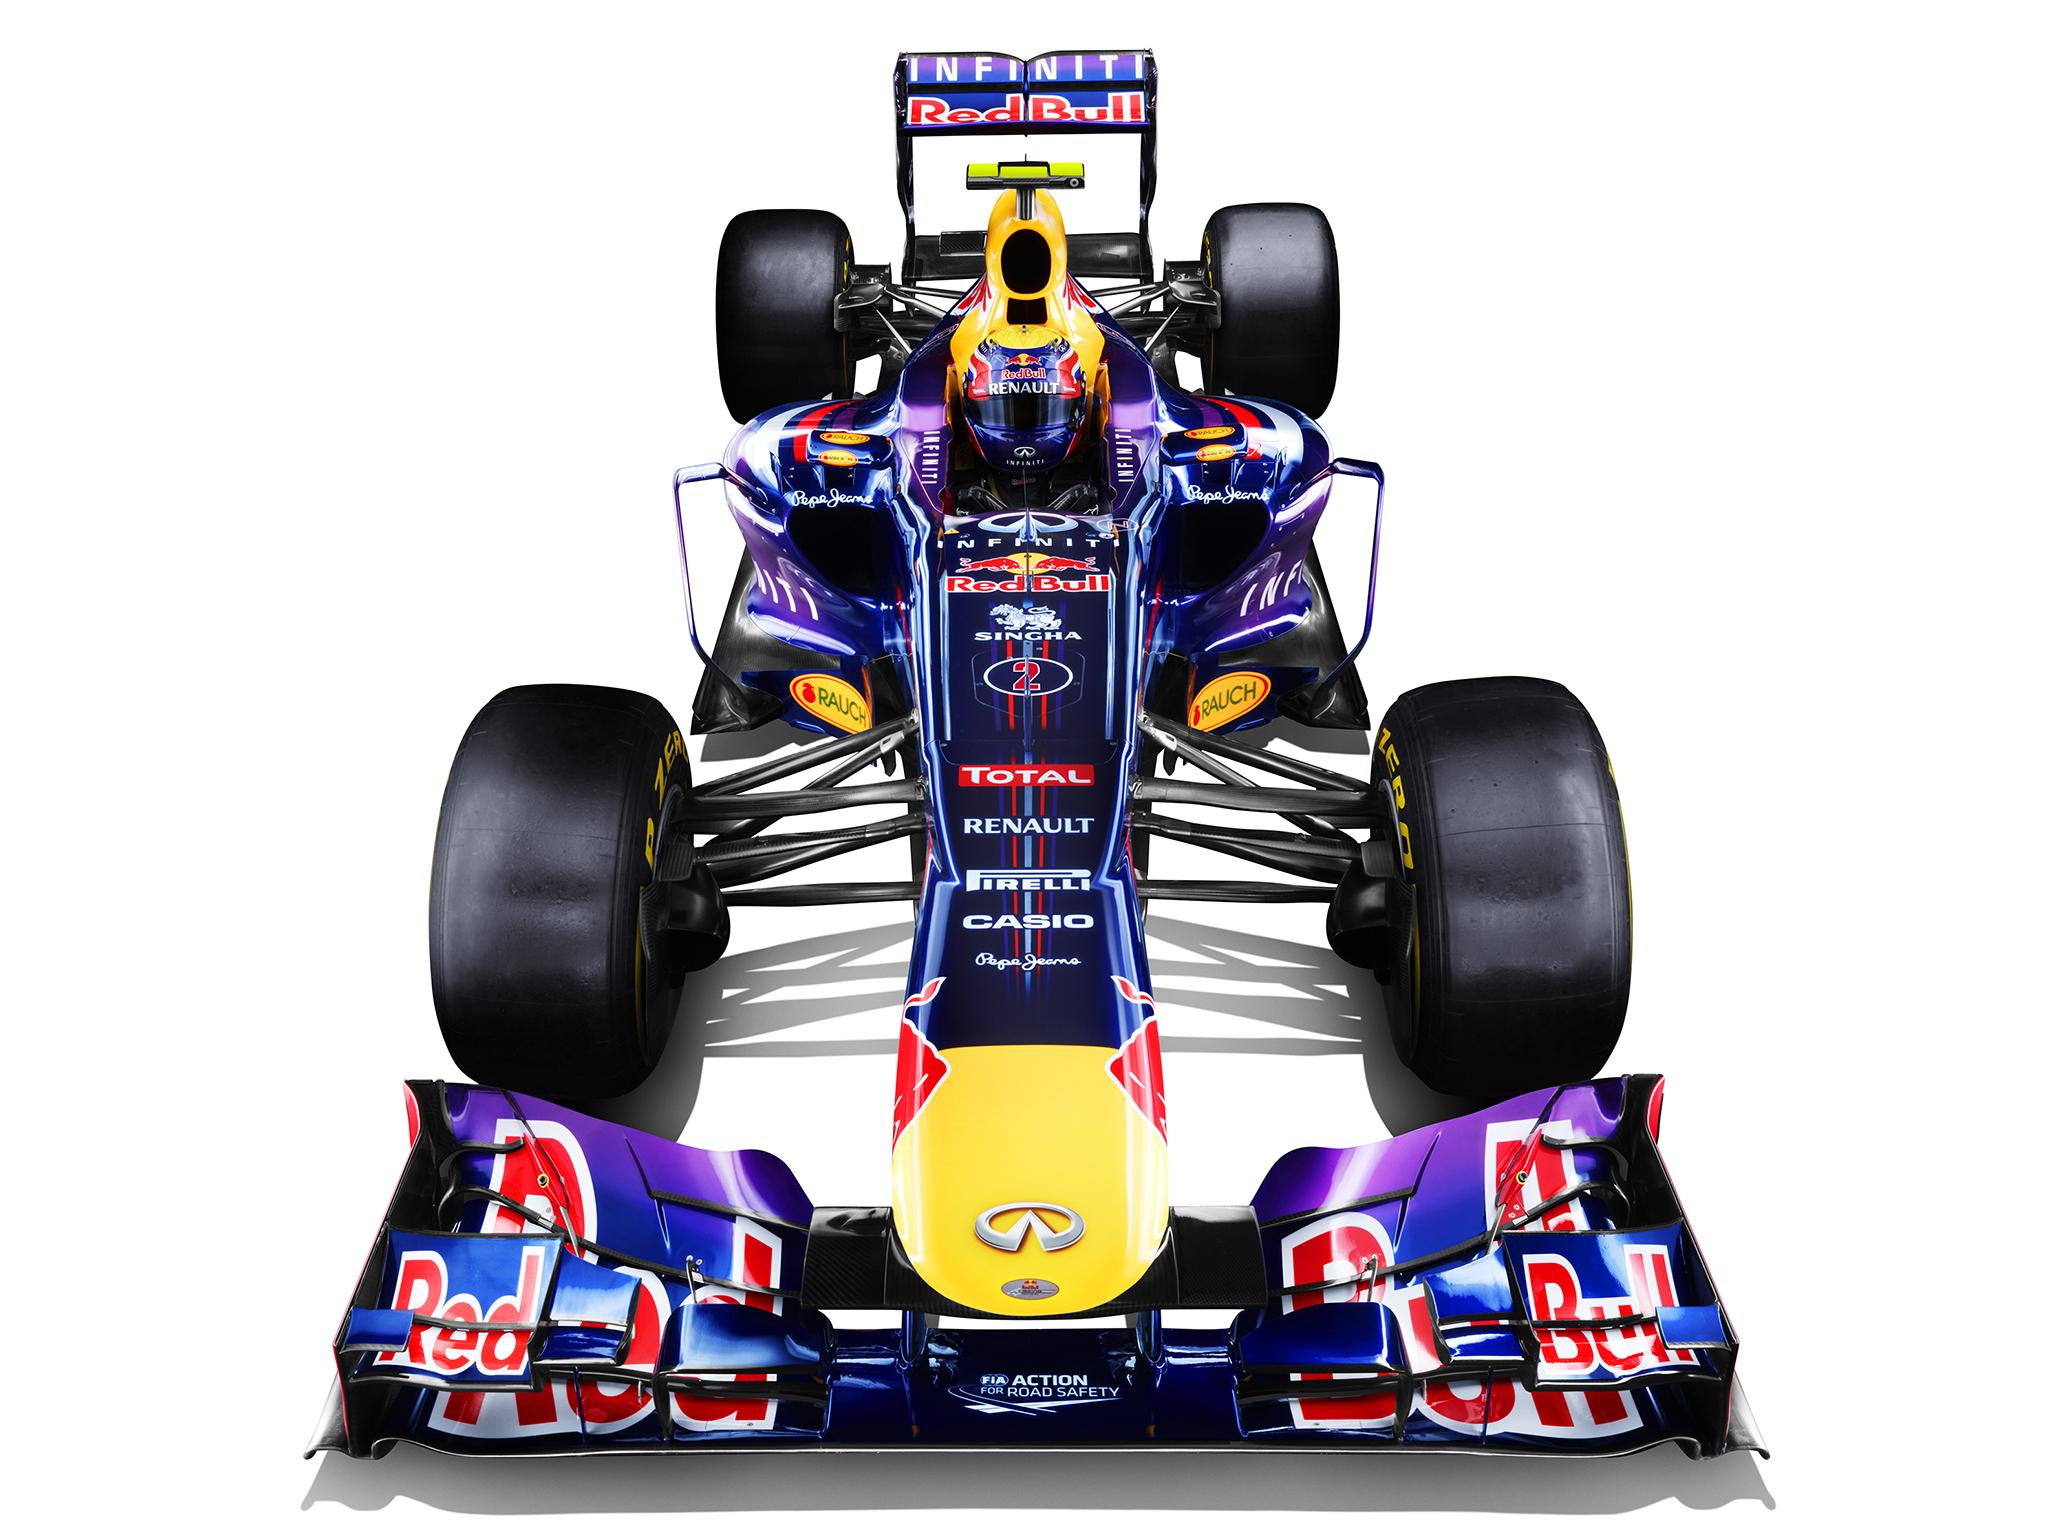 Red Bull Infiniti Wallpaper 2013 Red Bull Renault Infiniti